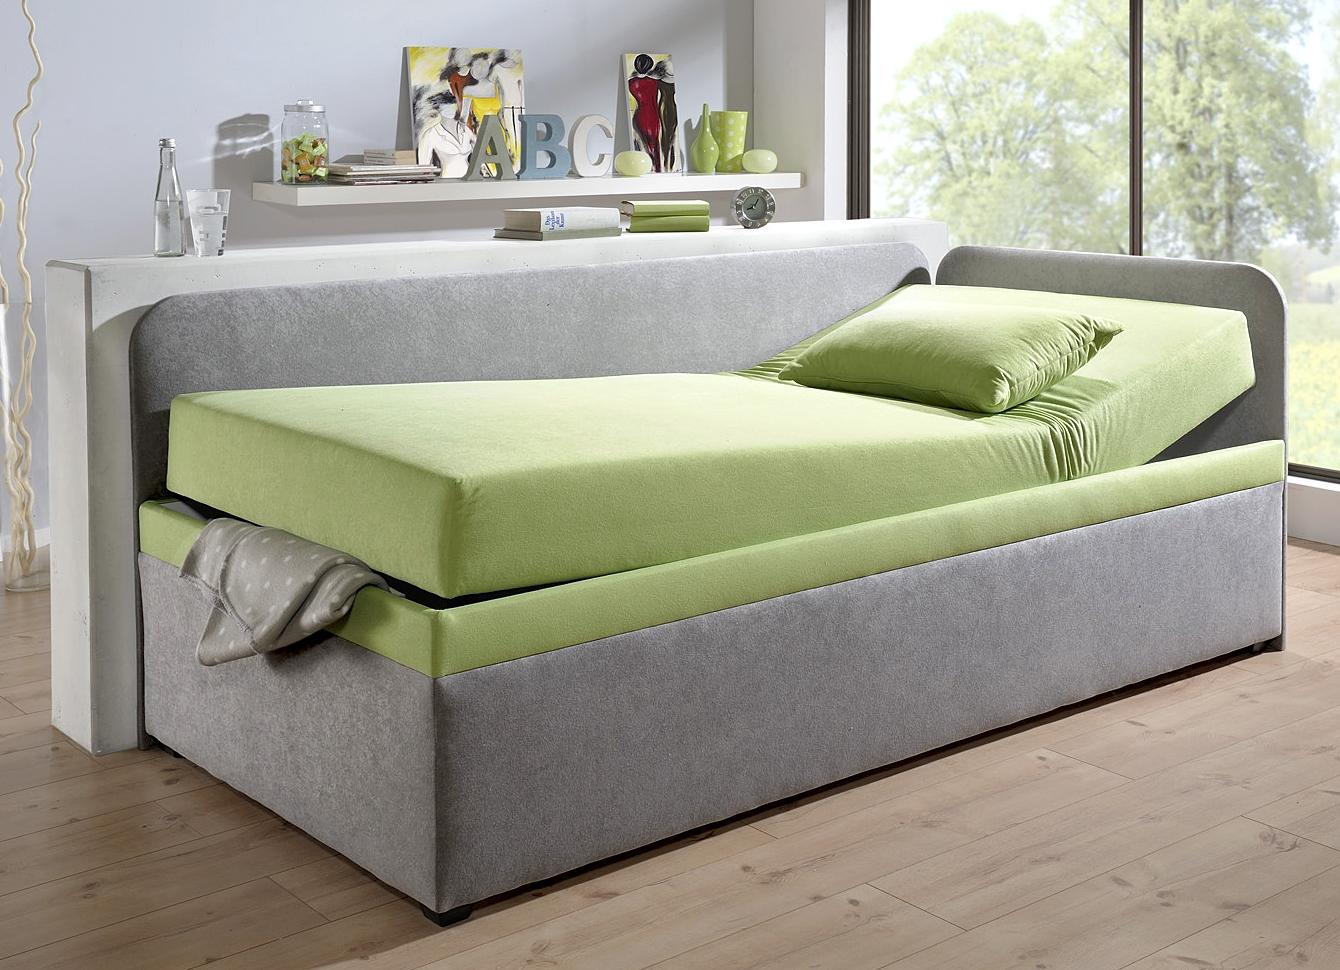 brigitte hachenburg schn ppchen. Black Bedroom Furniture Sets. Home Design Ideas